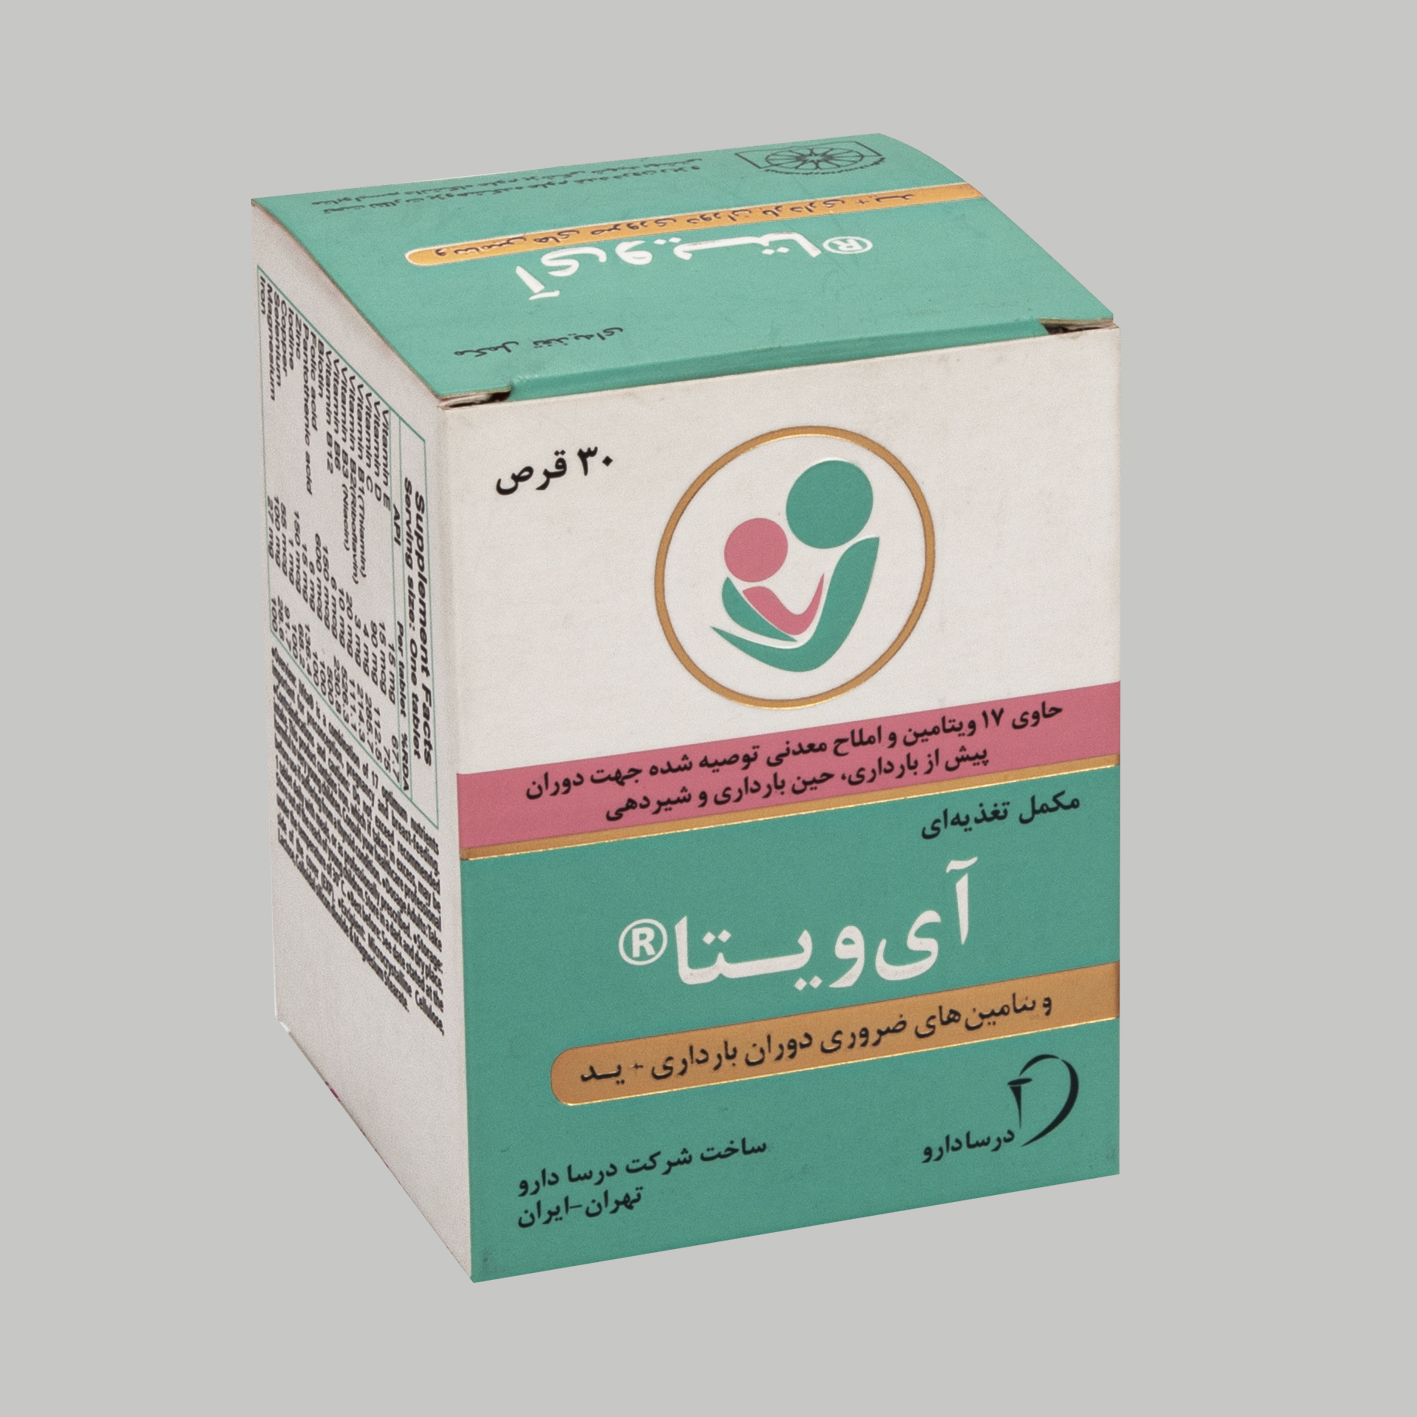 قرص مولتی ویتامین پریناتال آی ویتا